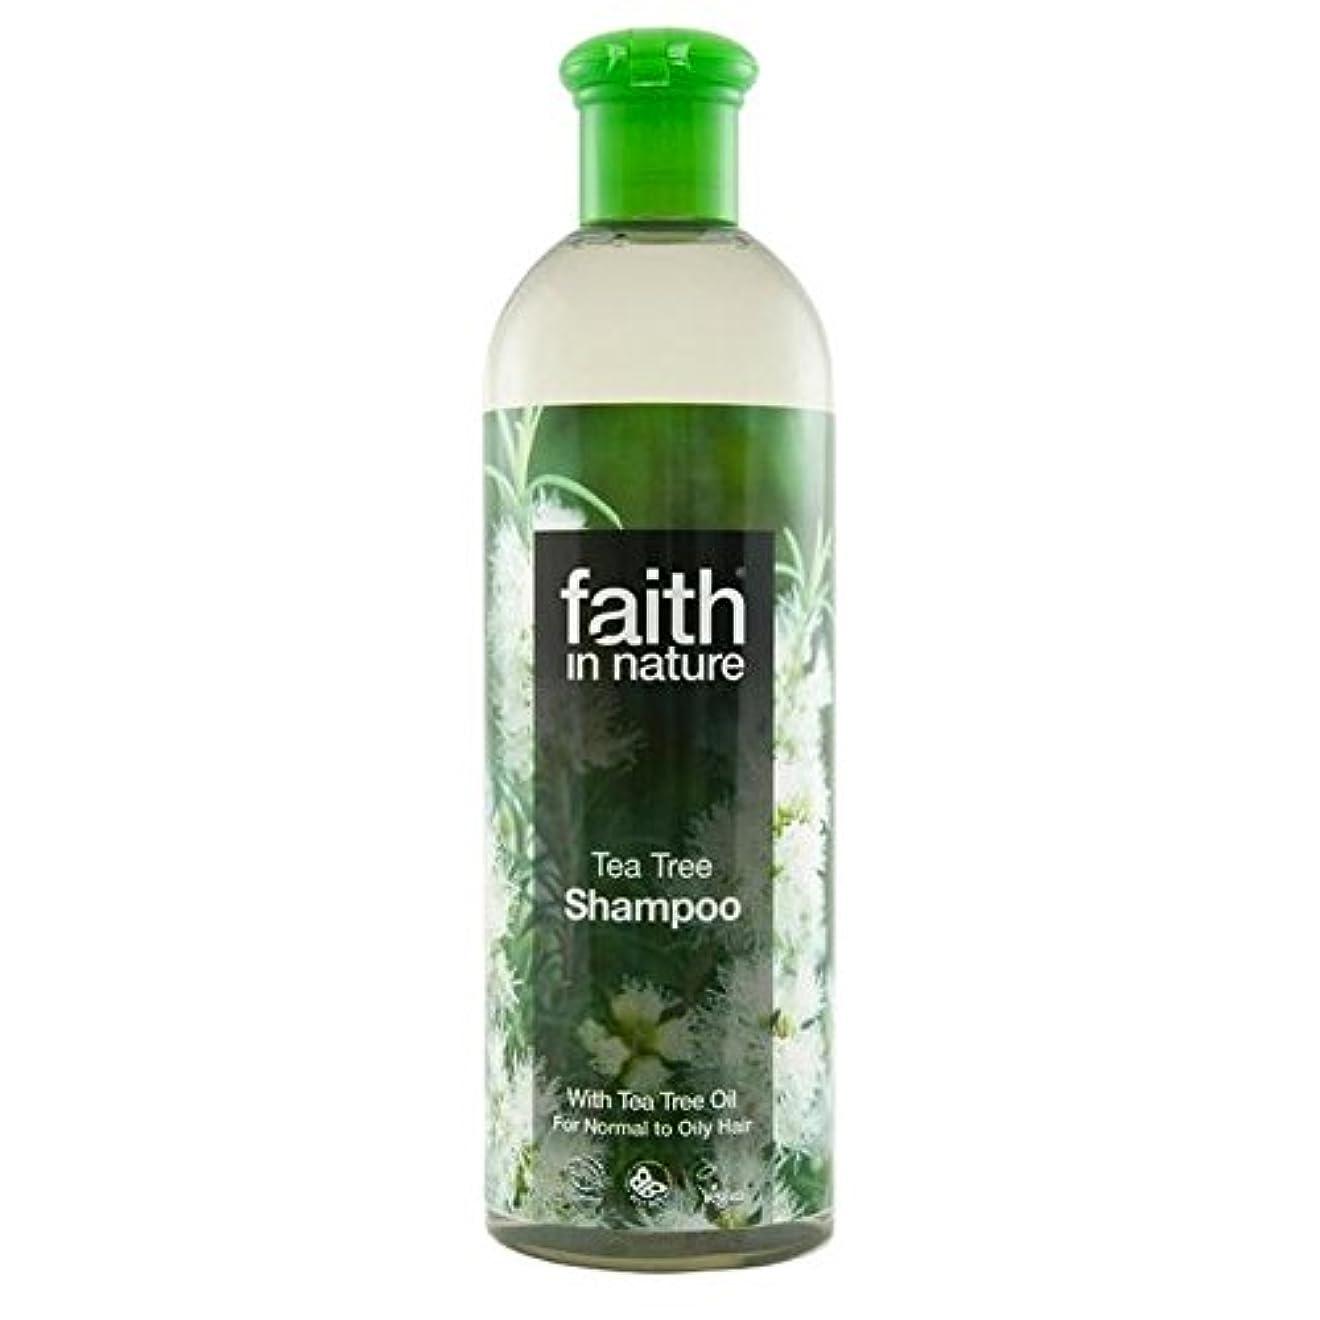 枯れる放射する硬いFaith in Nature Tea Tree Shampoo 400ml (Pack of 4) - (Faith In Nature) 自然のティーツリーシャンプー400ミリリットルの信仰 (x4) [並行輸入品]